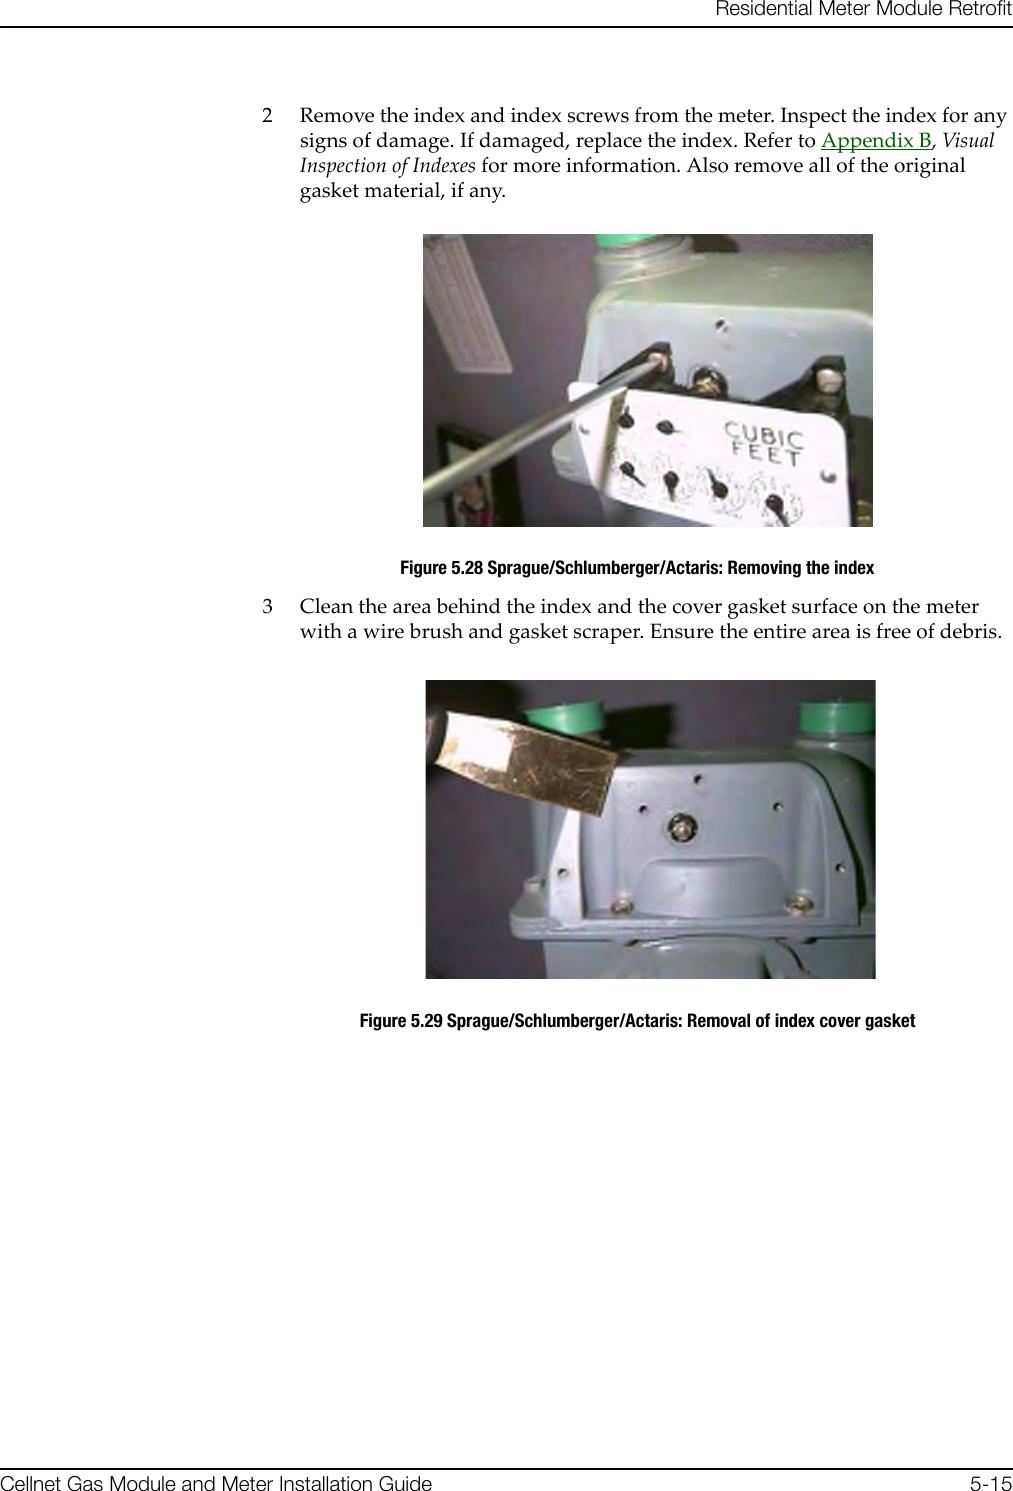 Landis gyr gas meter user guide